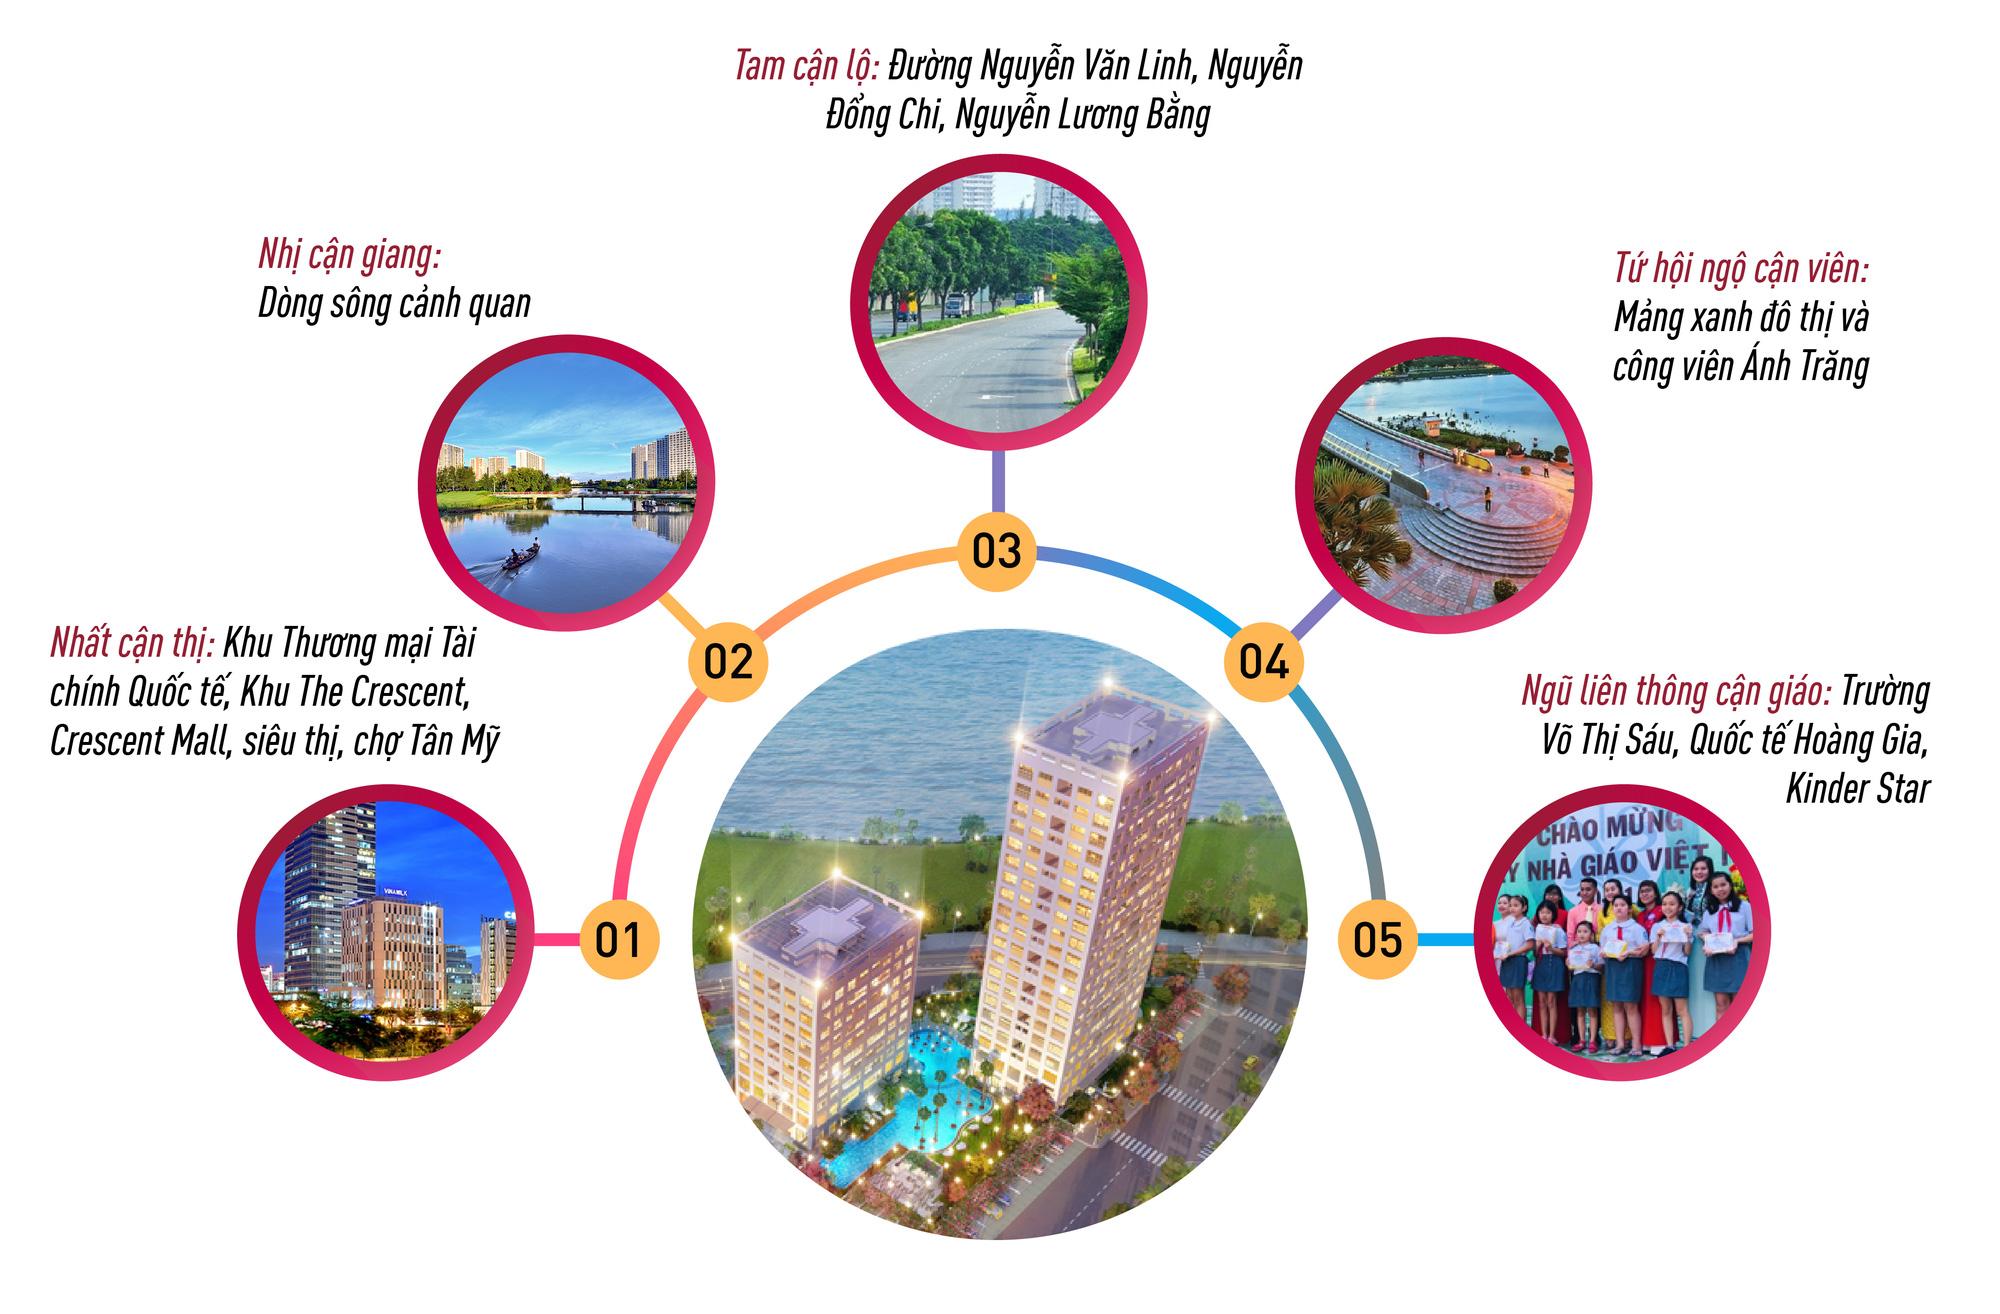 Biệt thự cảnh quan - Mốc son ấn tượng mới của Phú Mỹ Hưng tại khu Nam TP. HCM - Ảnh 6.